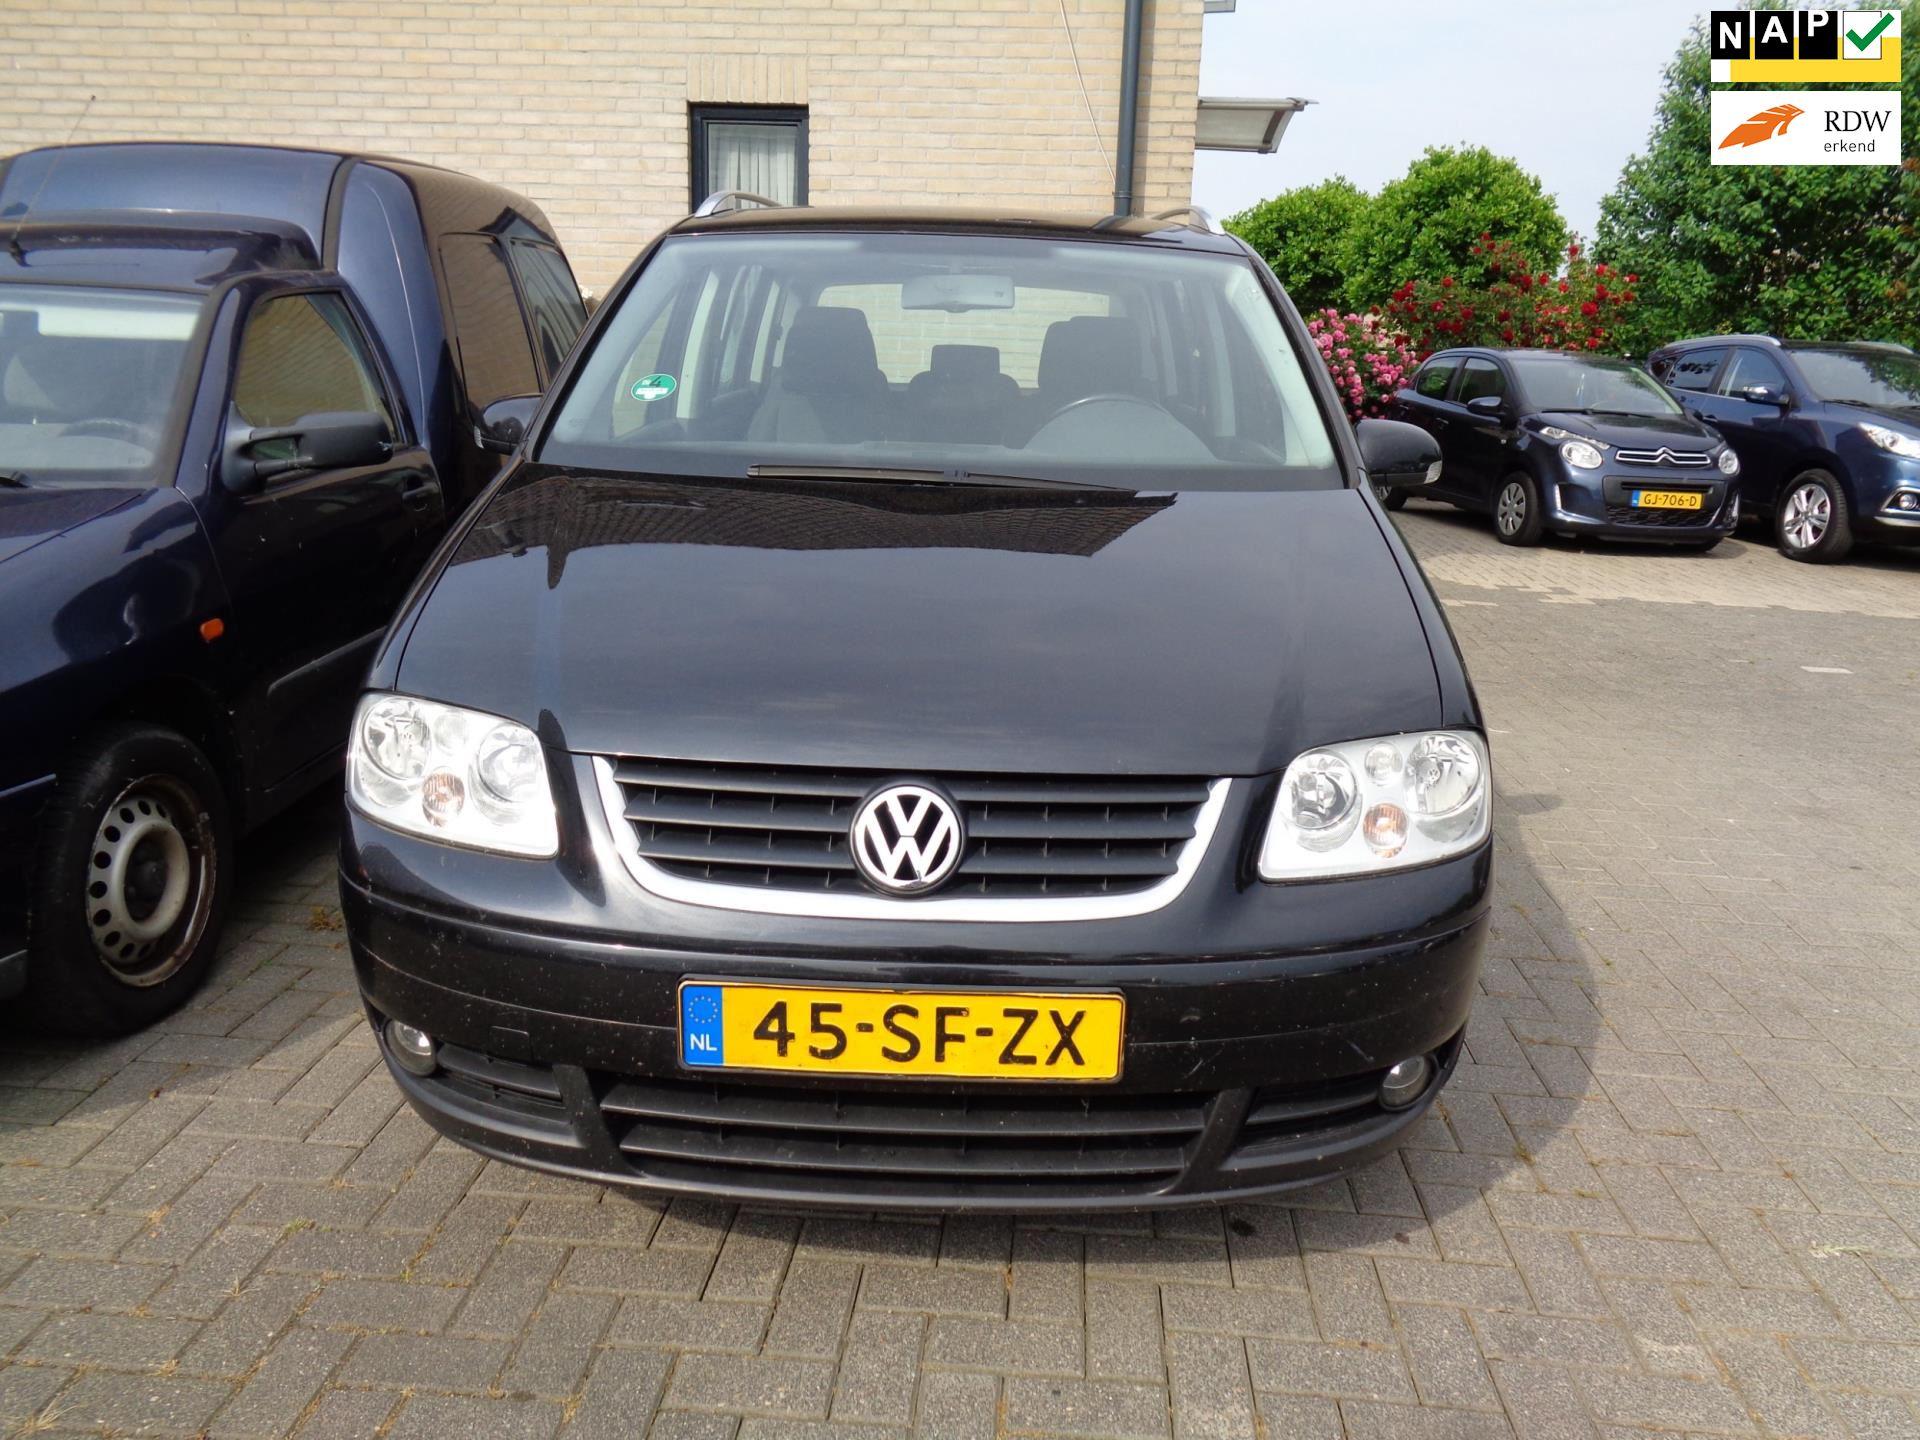 Volkswagen Touran occasion - Autobedrijf M. Joelfan